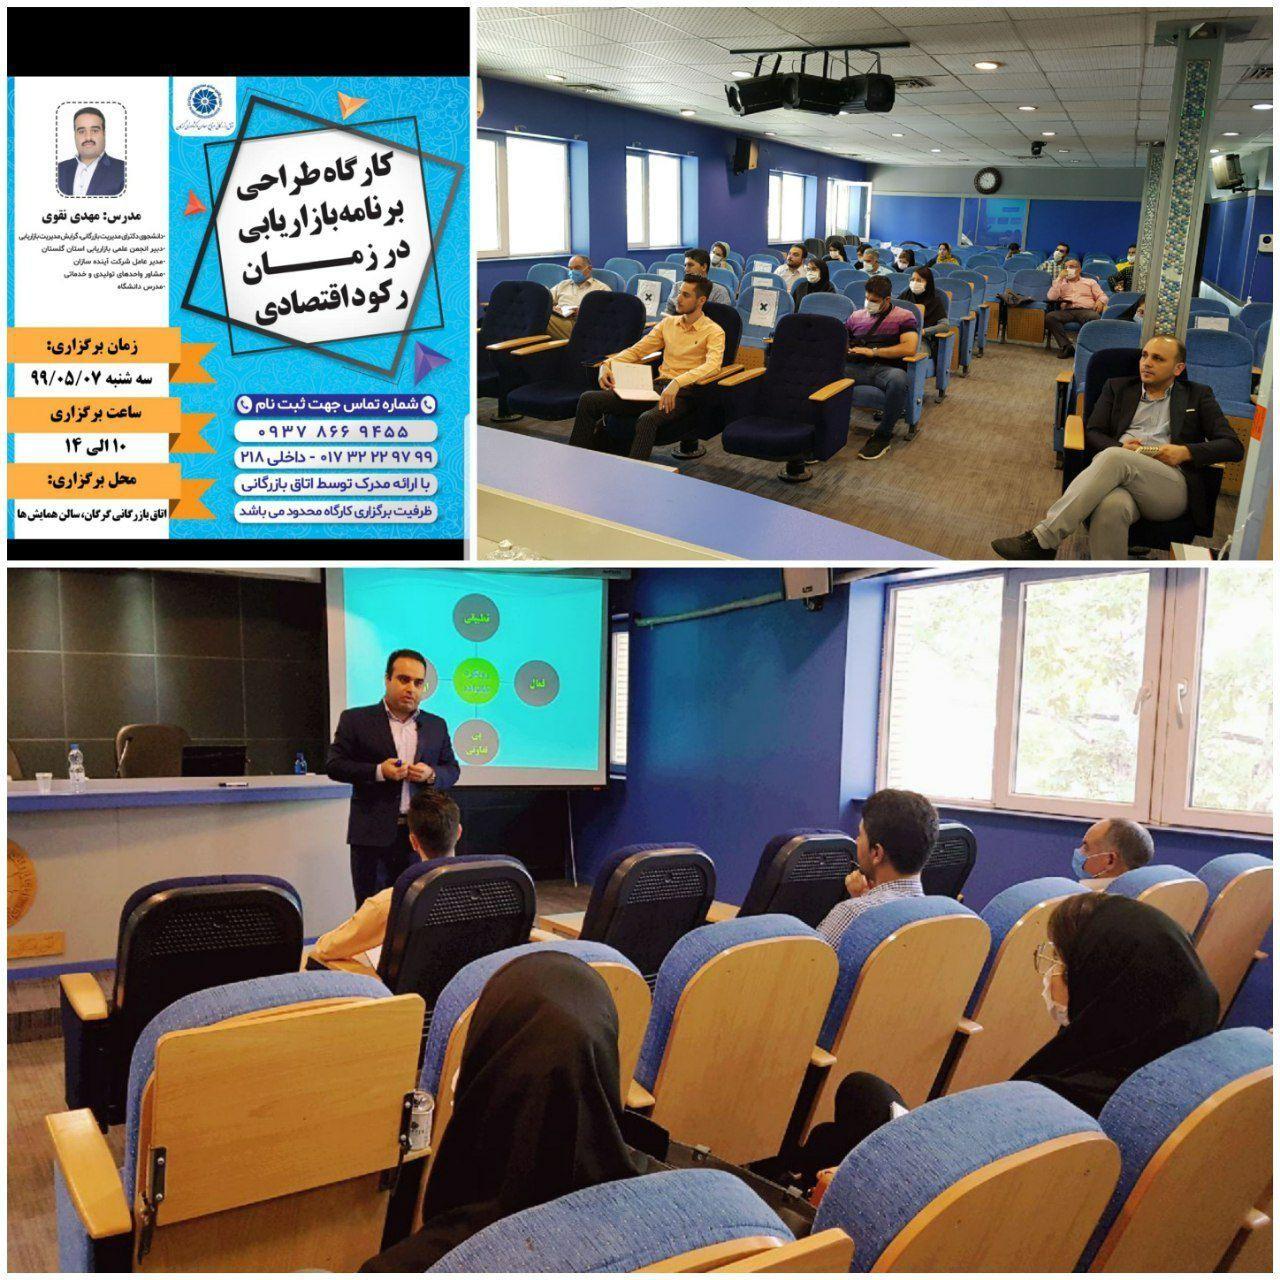 کلاس آموزشی طراحی روش بازاریابی در شرایط رکود اقتصادی